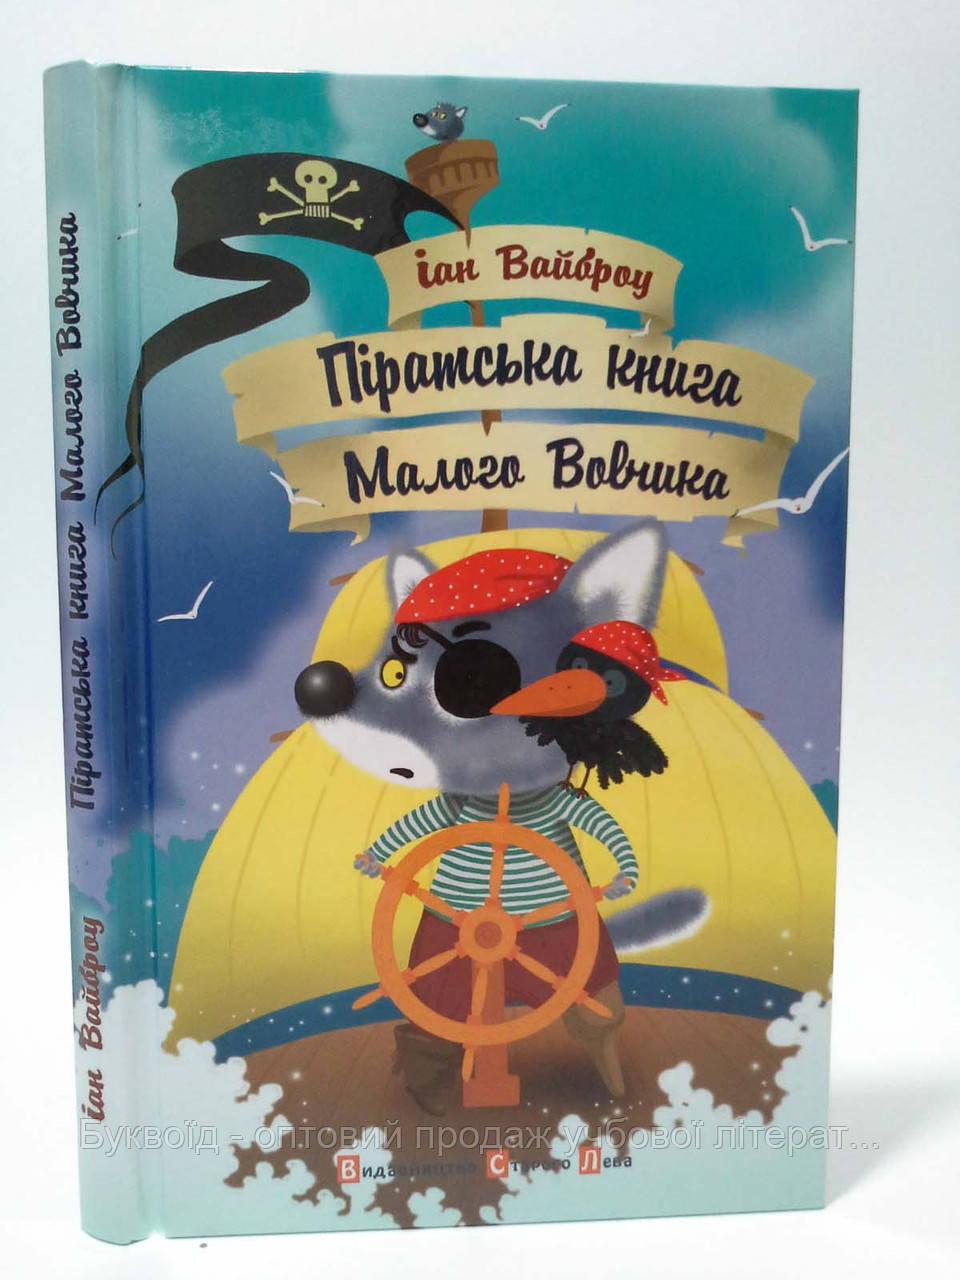 Вайброу 5 Піратська книга Малого Вовчика Видавництво Старого Лева